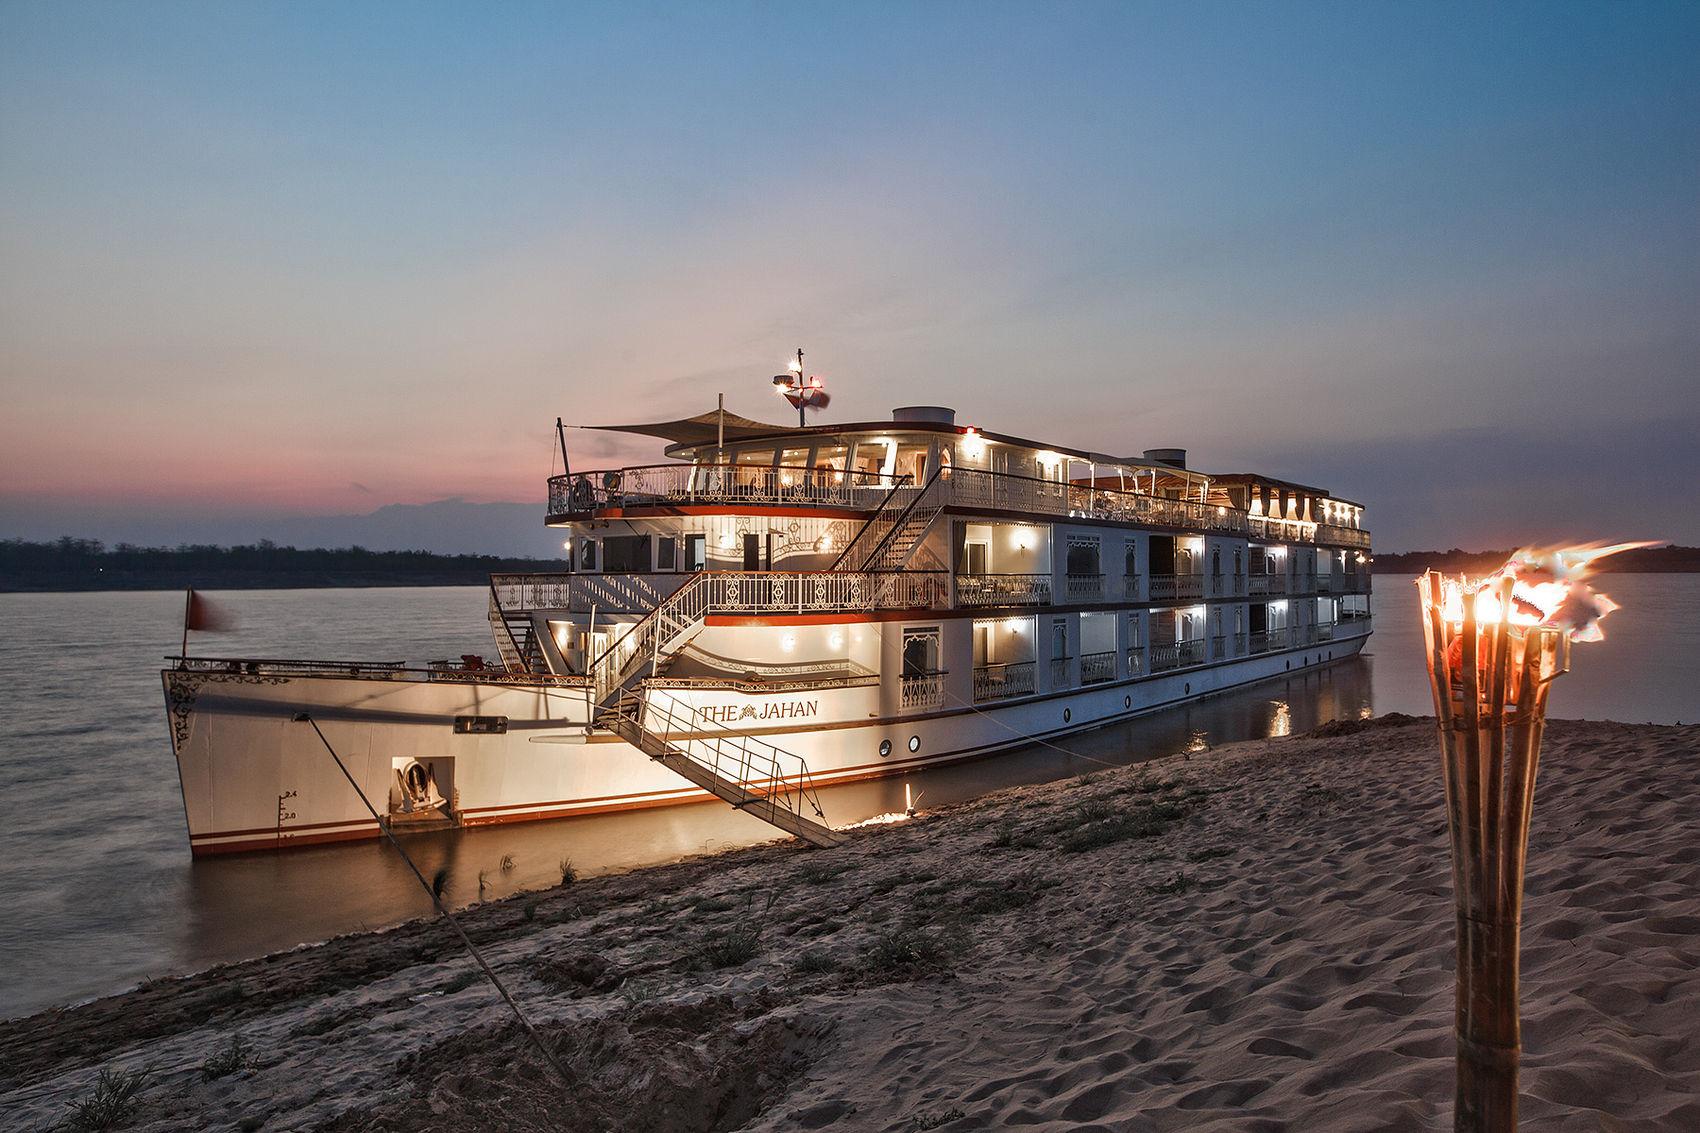 Mekong sand bar